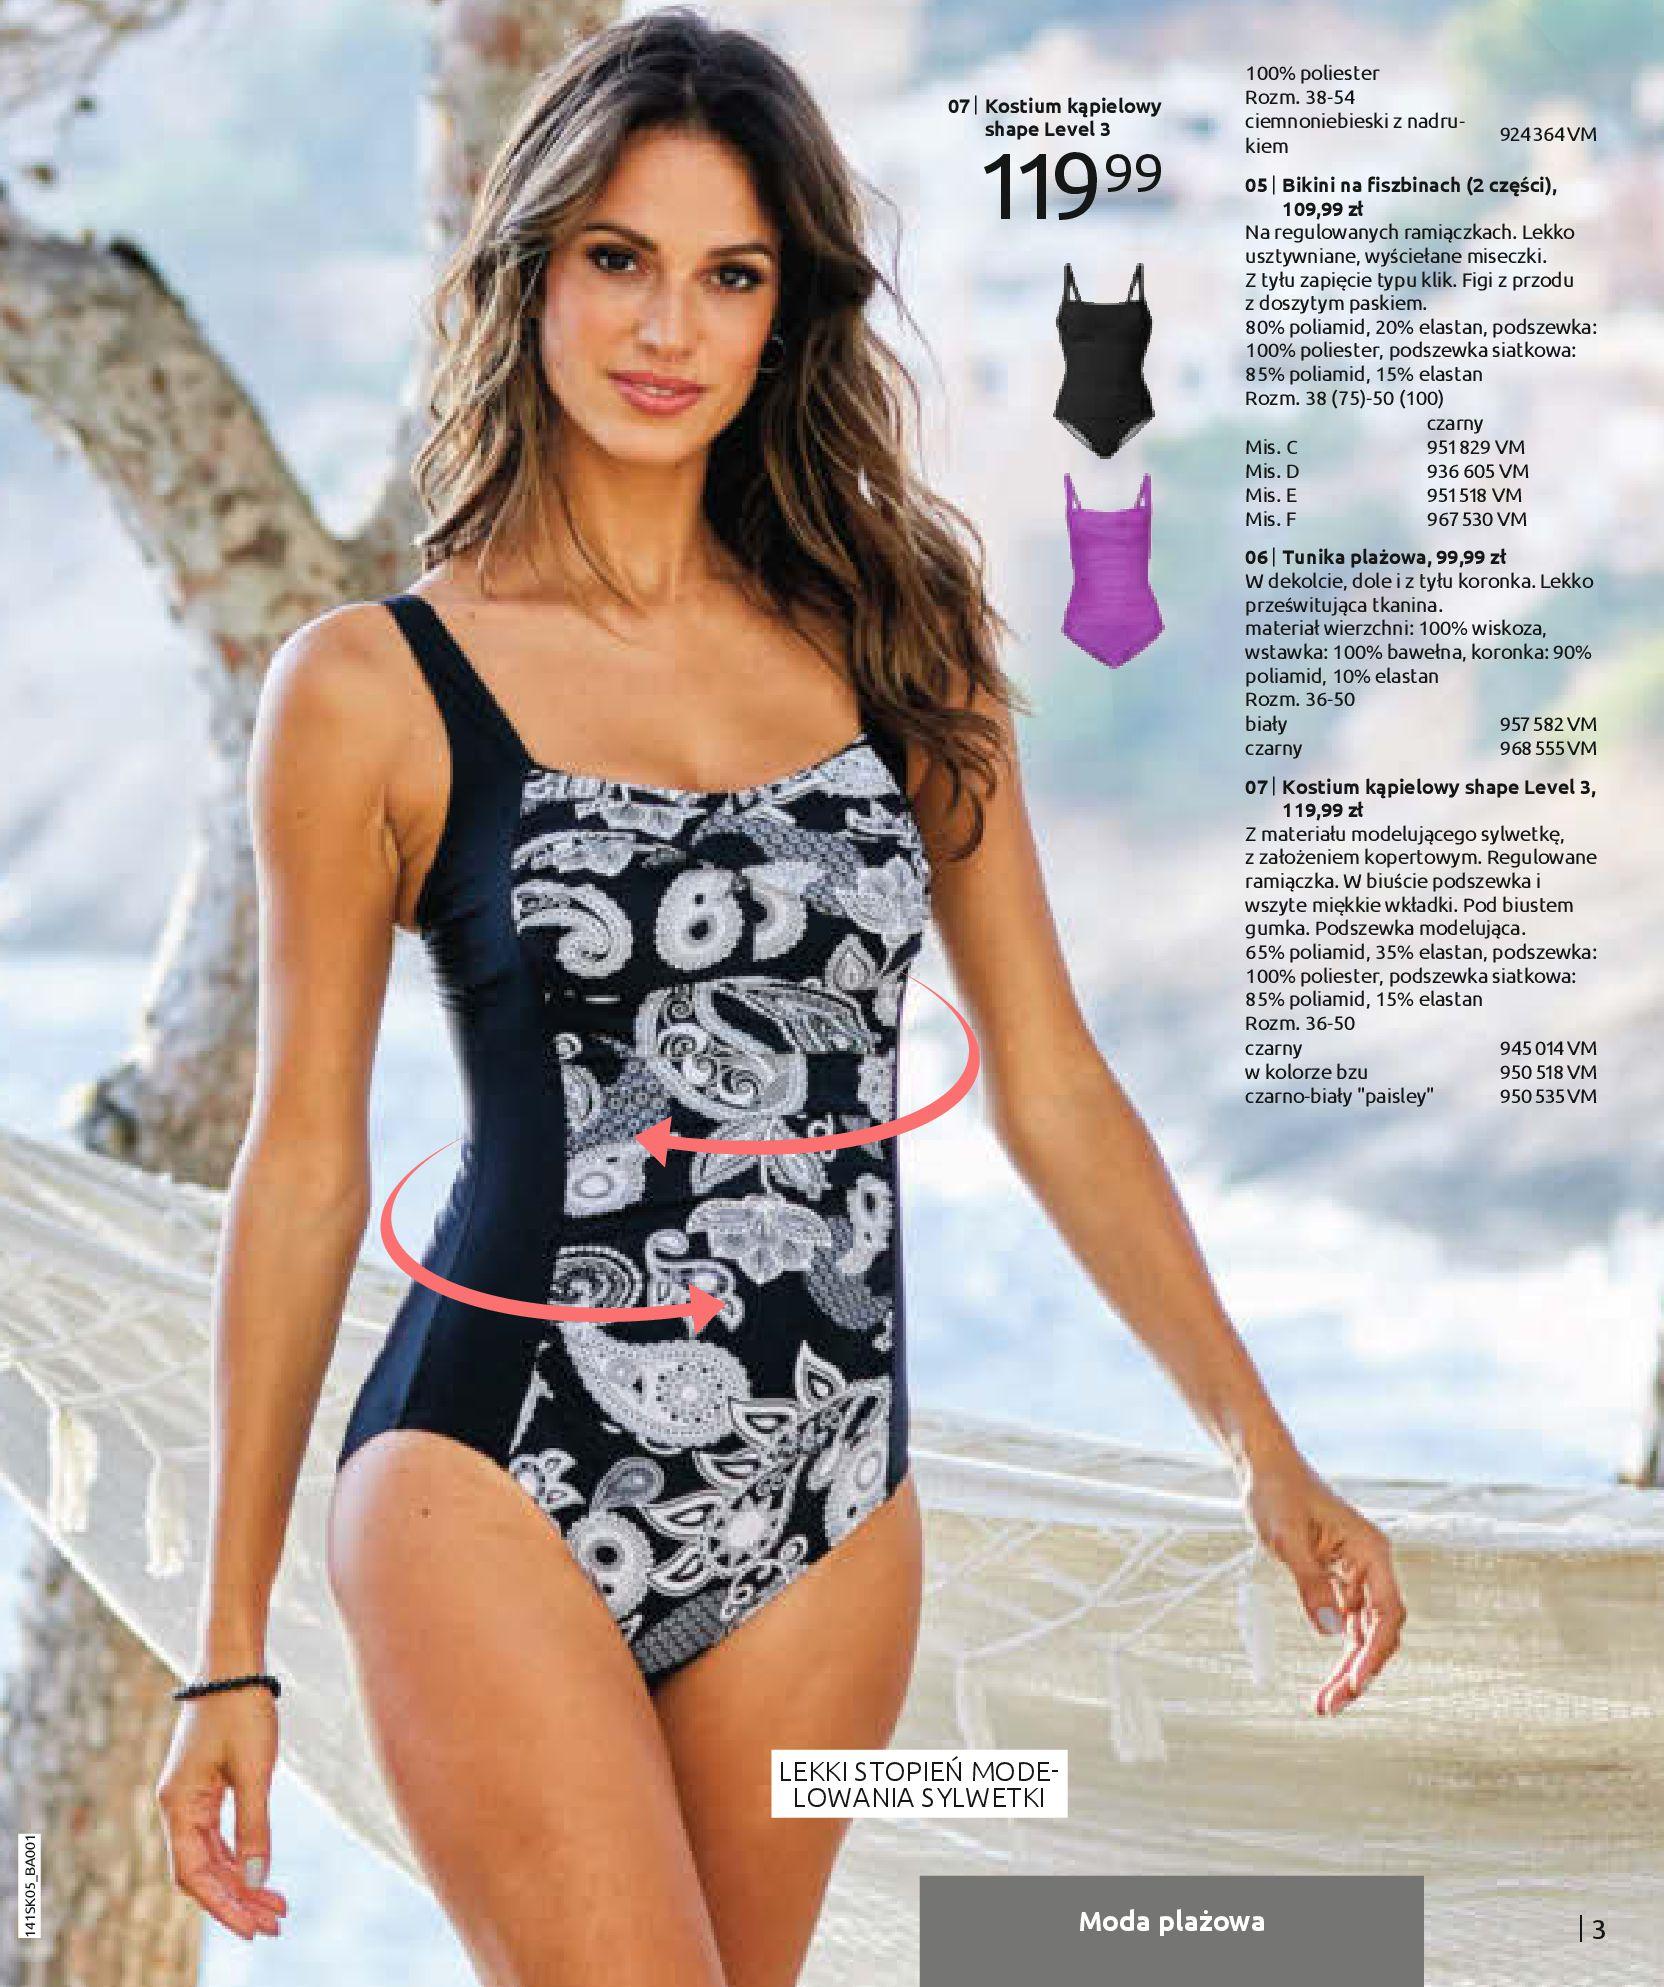 Gazetka Bonprix - Zachwycający look-25.08.2020-18.11.2020-page-5